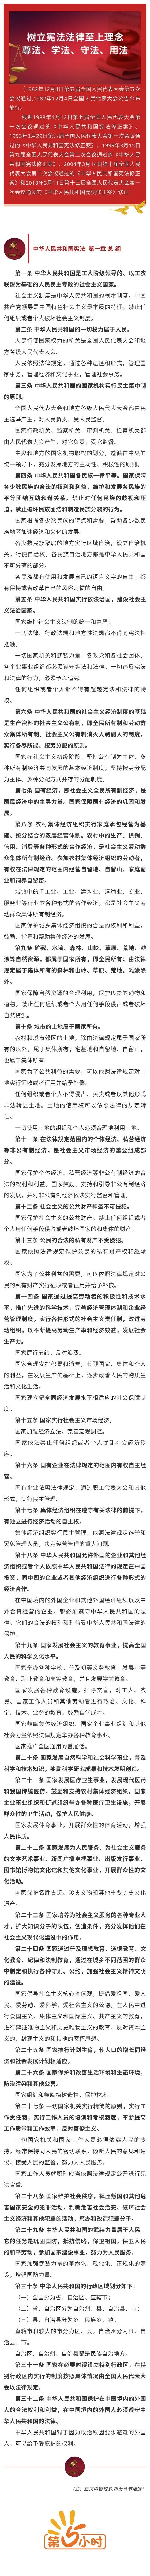 《中华人民共和国宪法》(第一章总纲).jpg